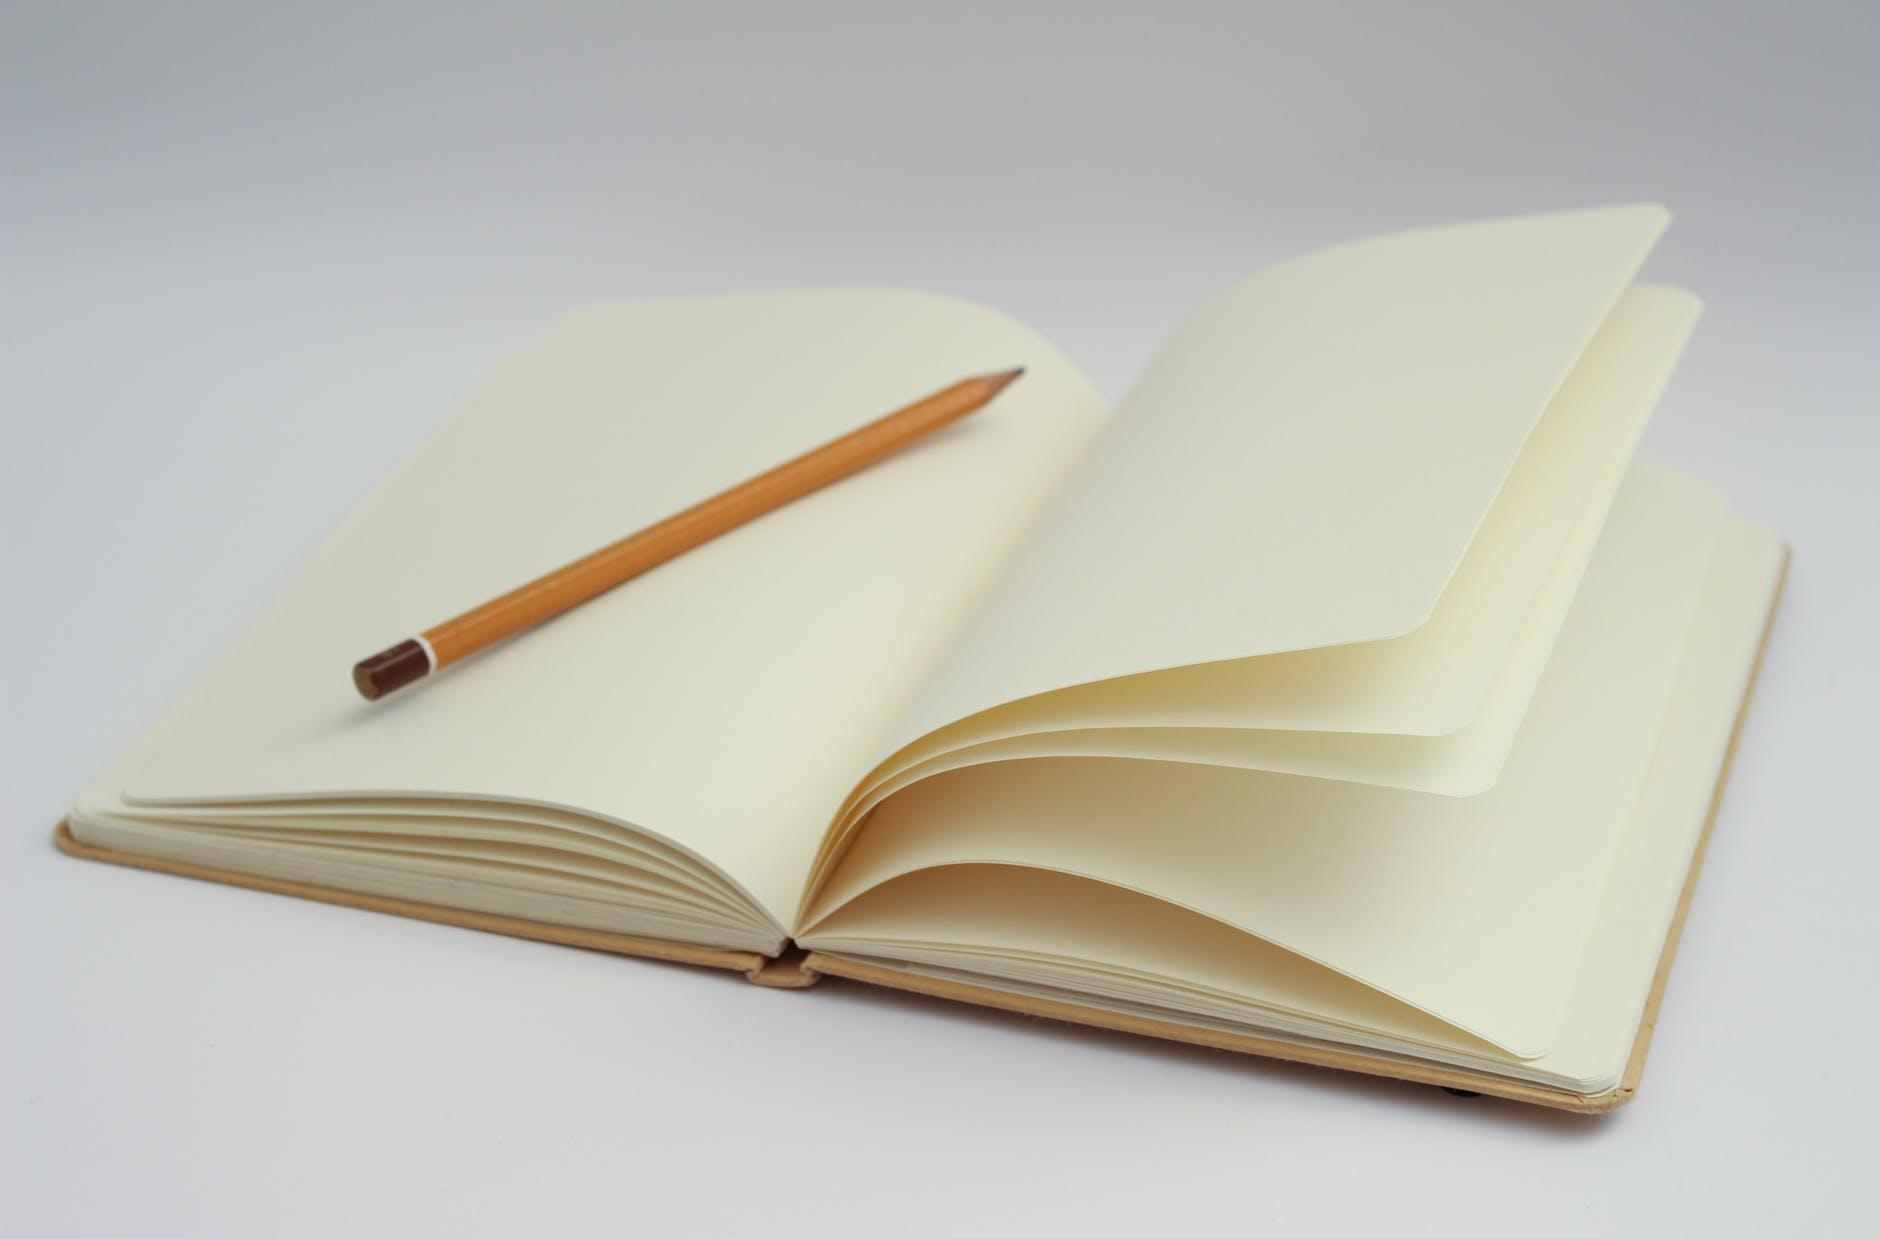 notebook writing pencil start